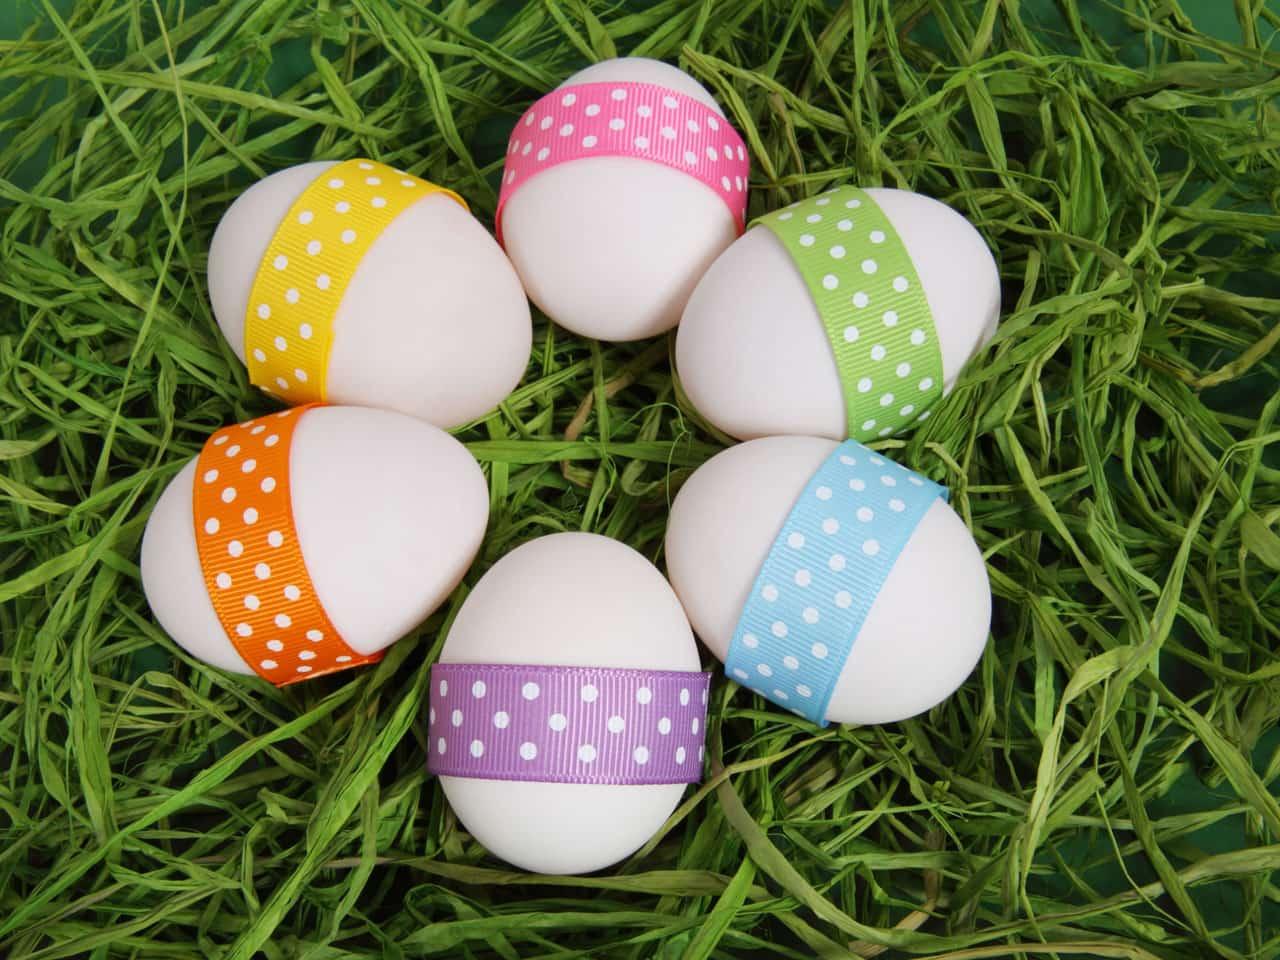 Eier auf Rasen